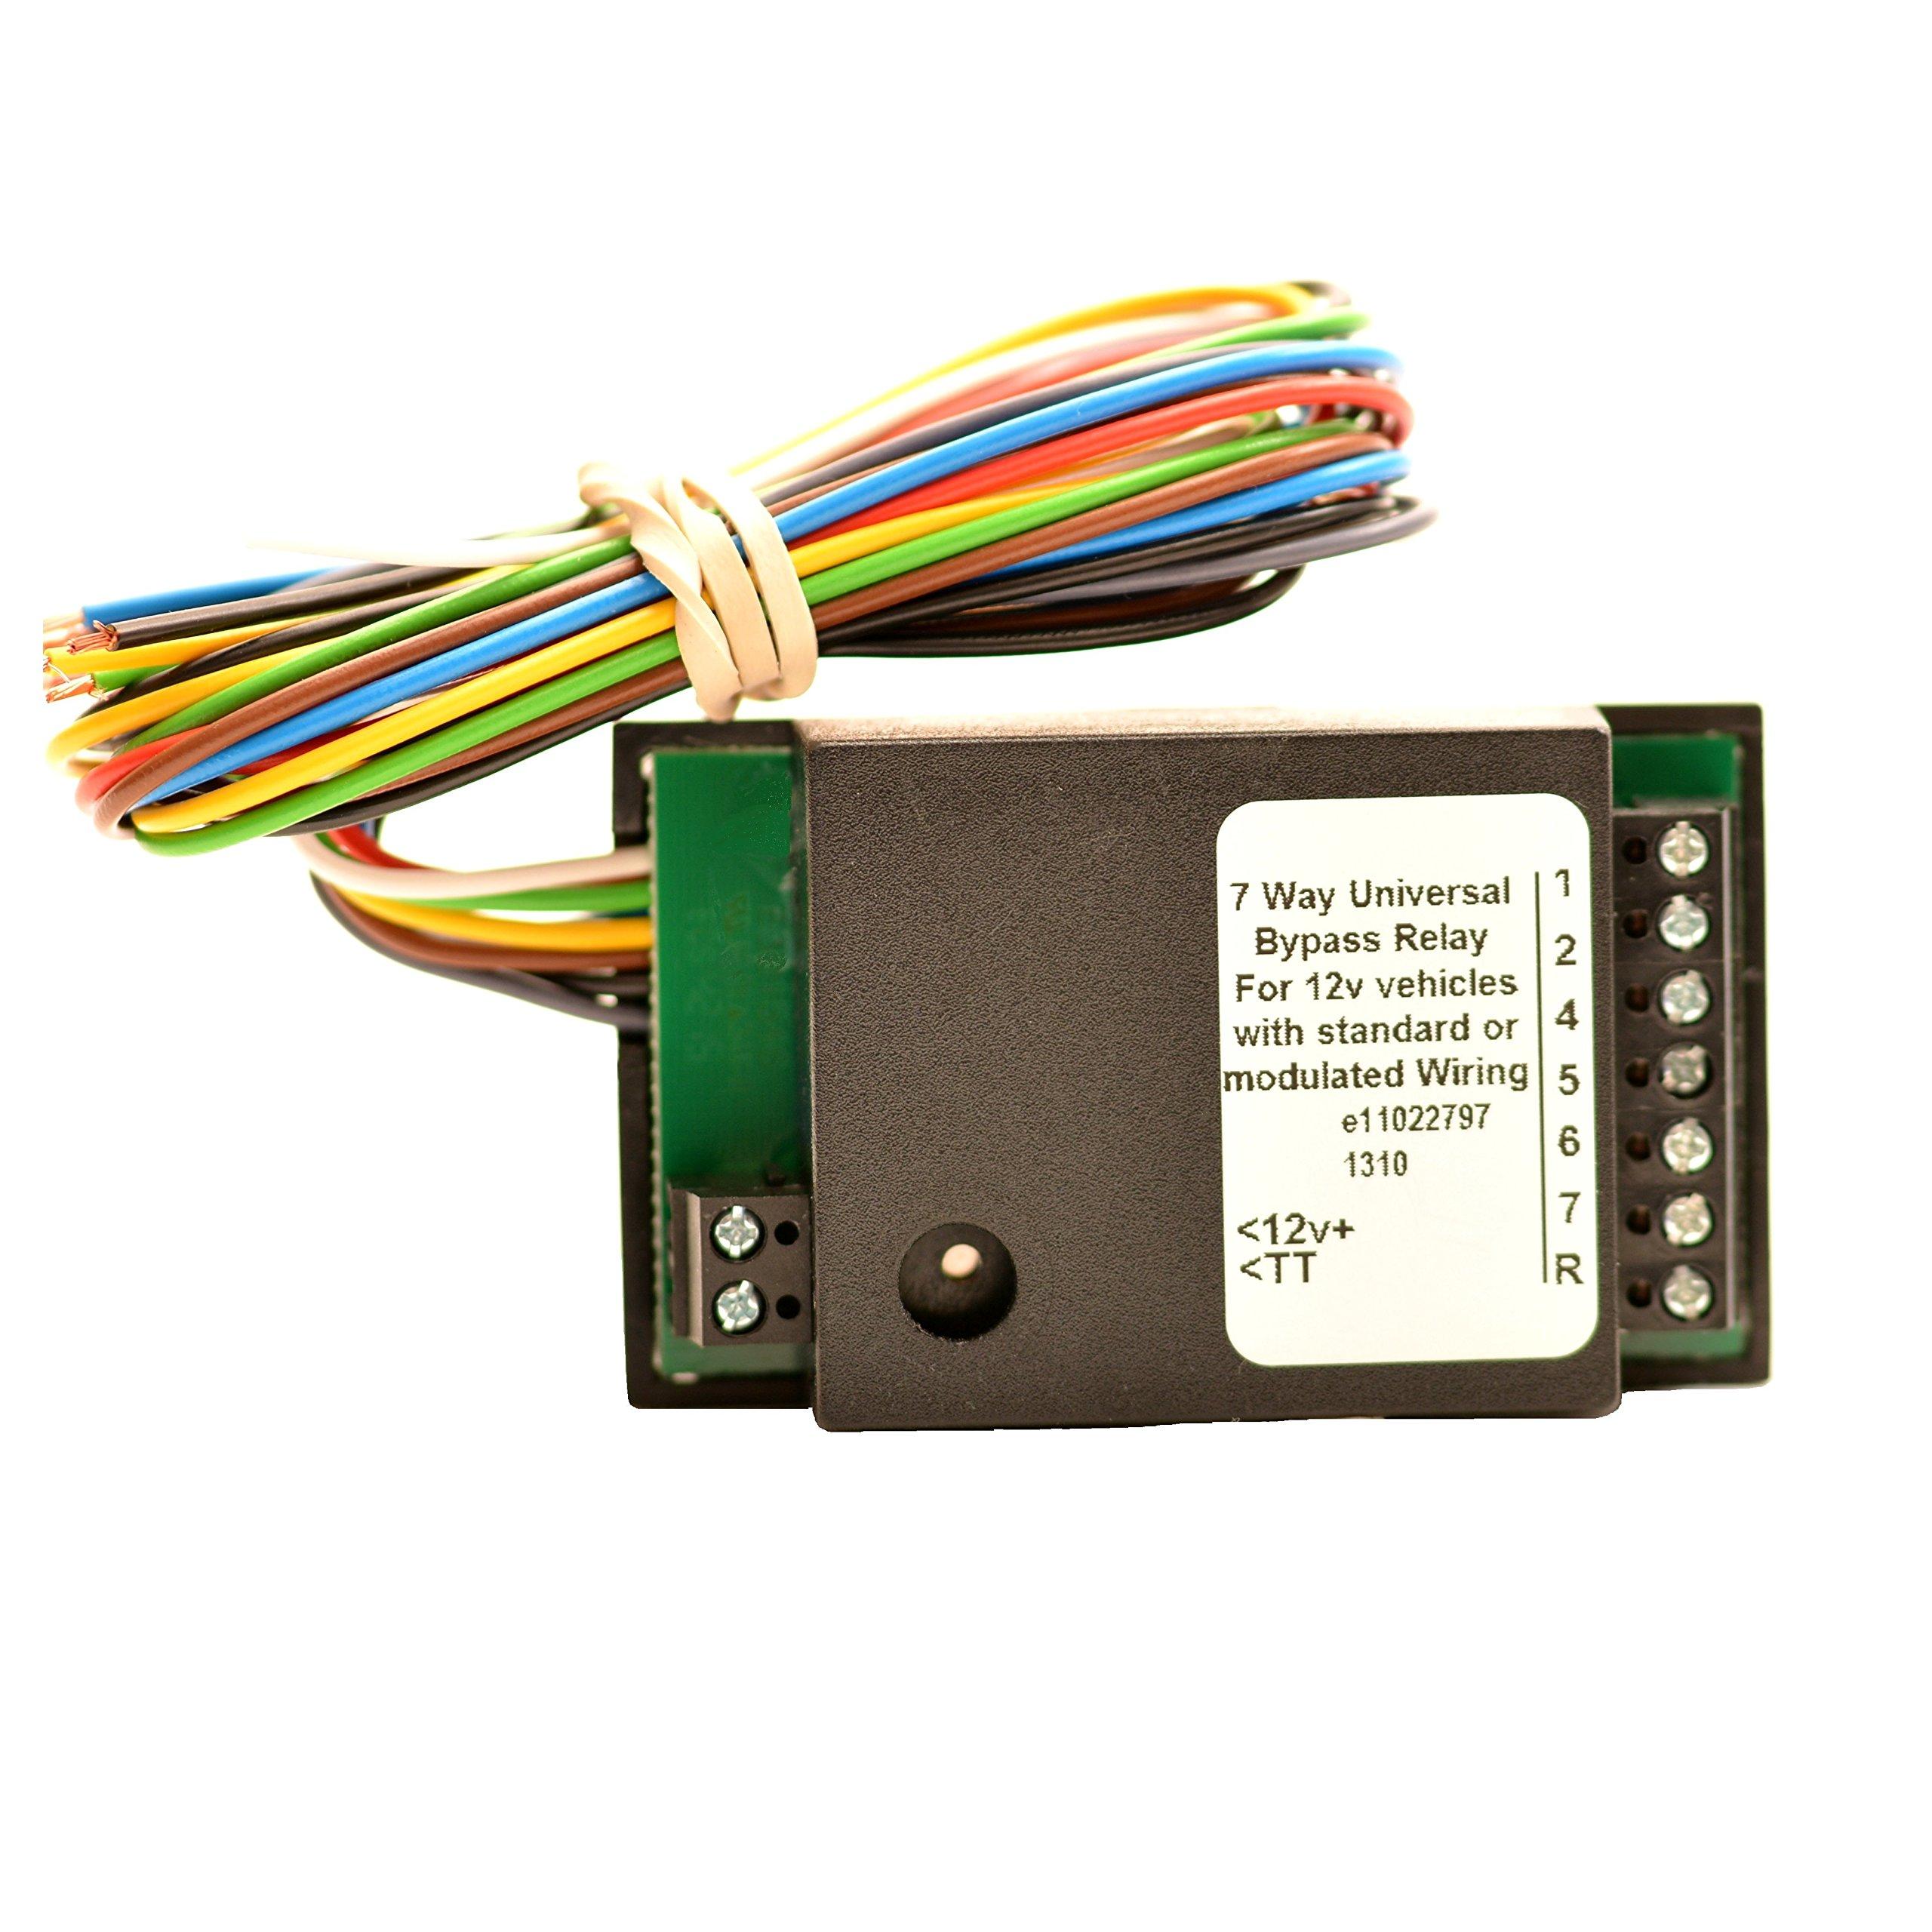 Fittek Facilla Car Auto Automotive Dc 12v 12 Volt 40a Amp 4 Pin Universal Prong Relay